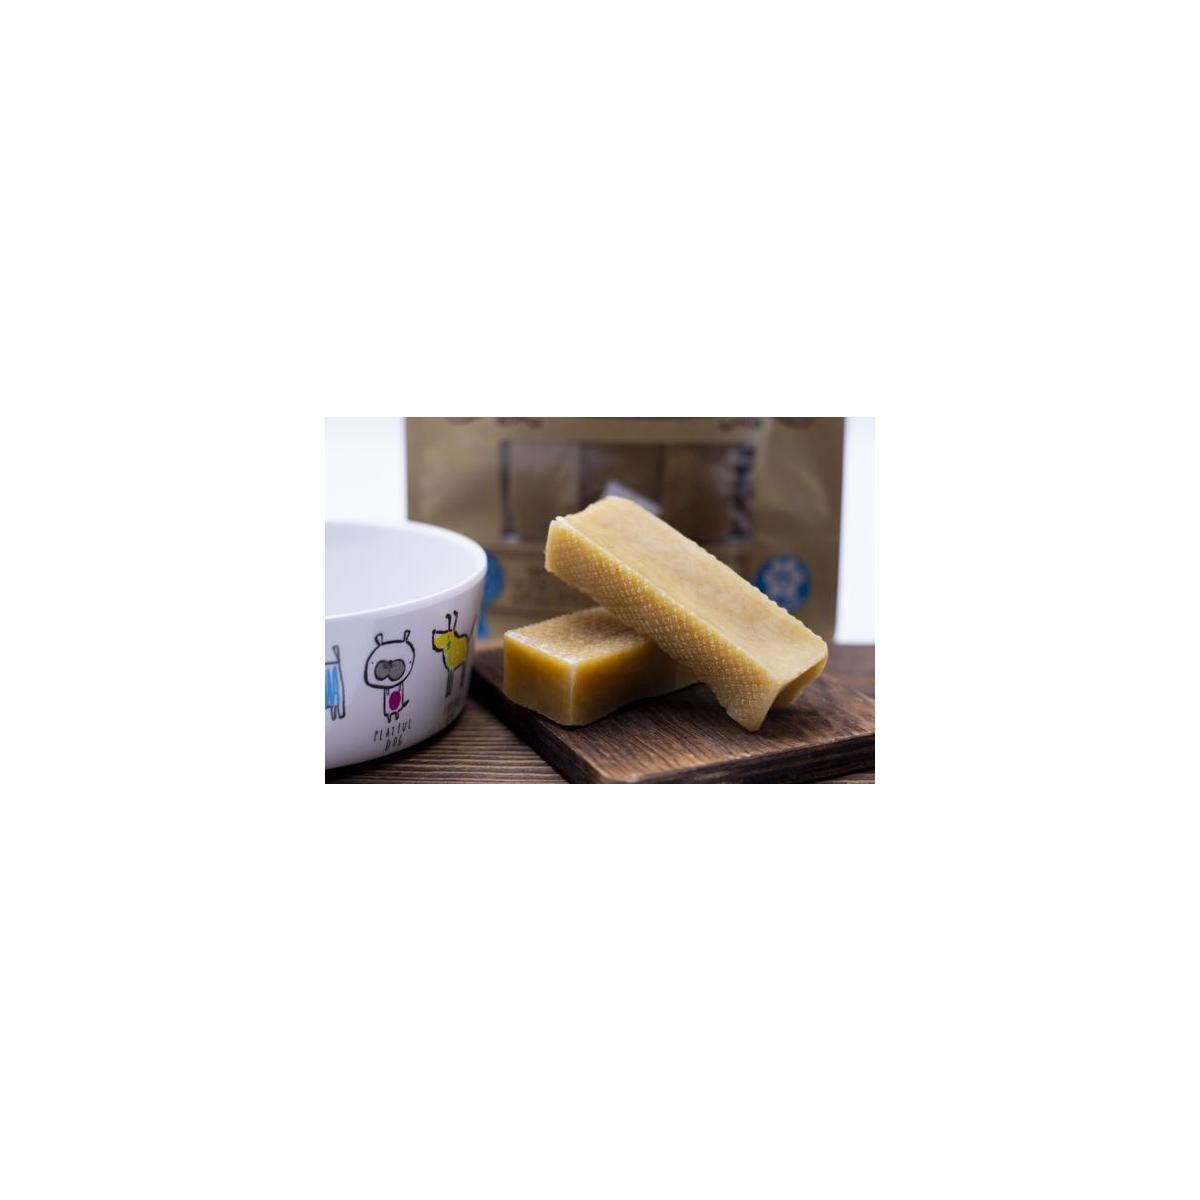 Tibetan Dog Chew Yak Cheese Himalayan Chew - Size: 2lbs Bulk Small